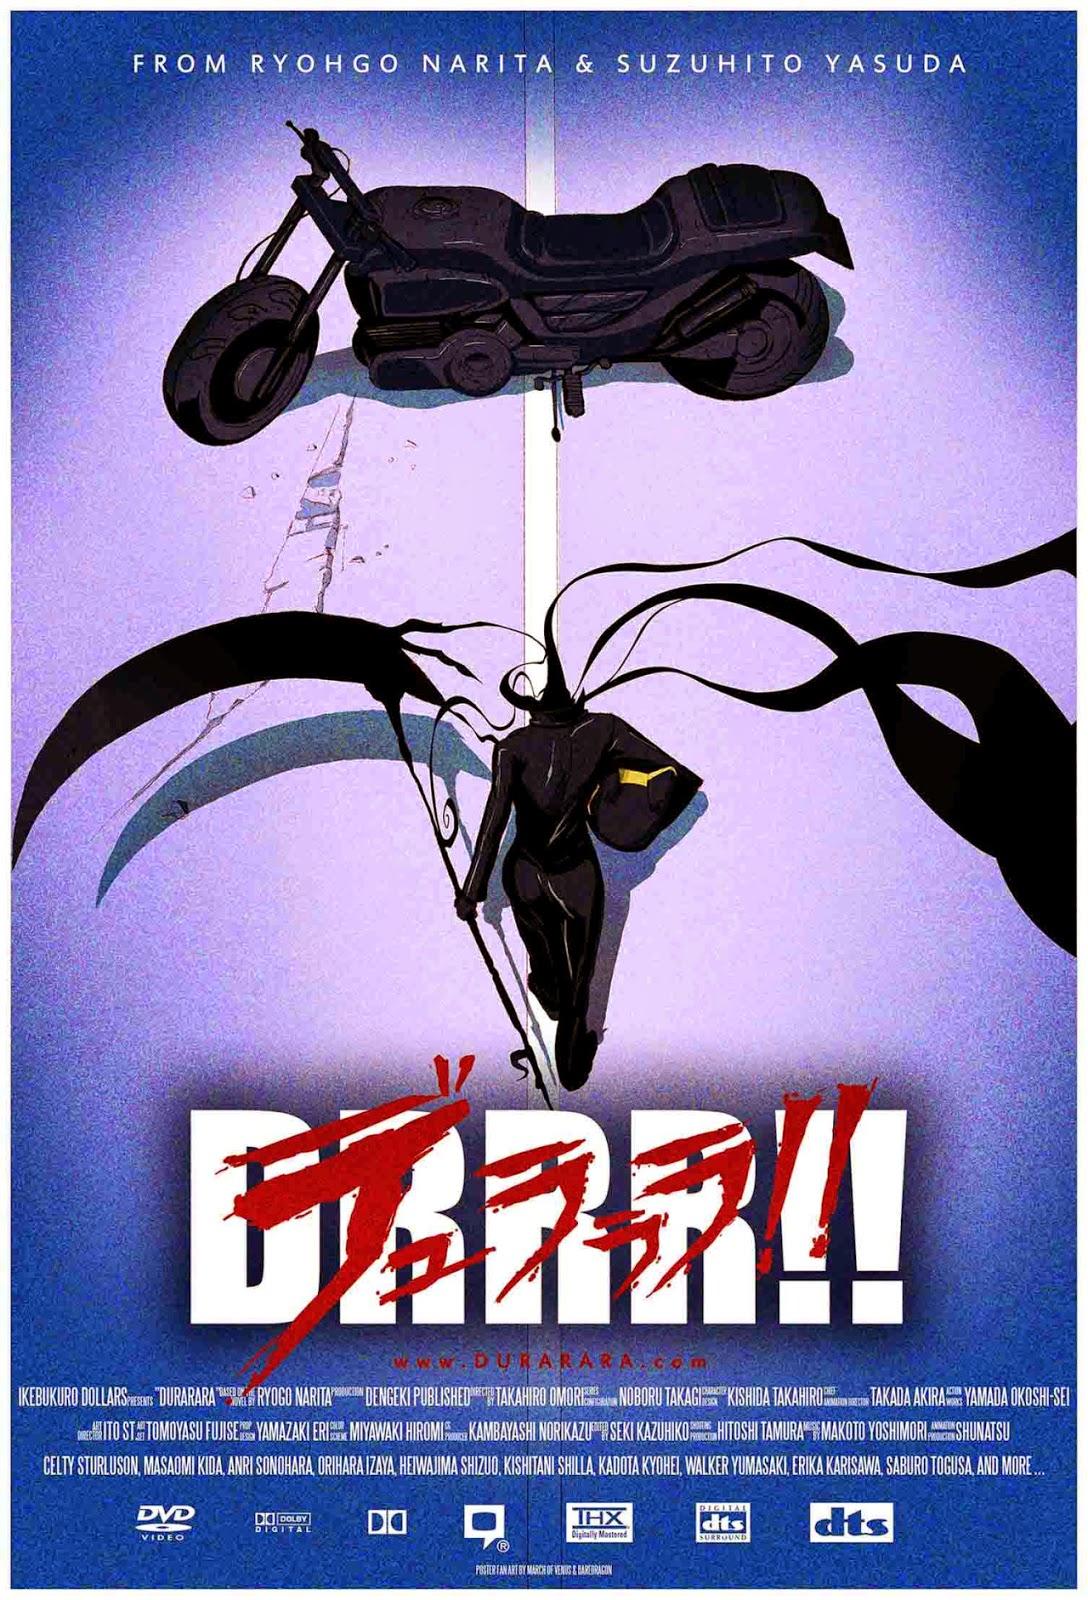 DURARARA vs AKIRA